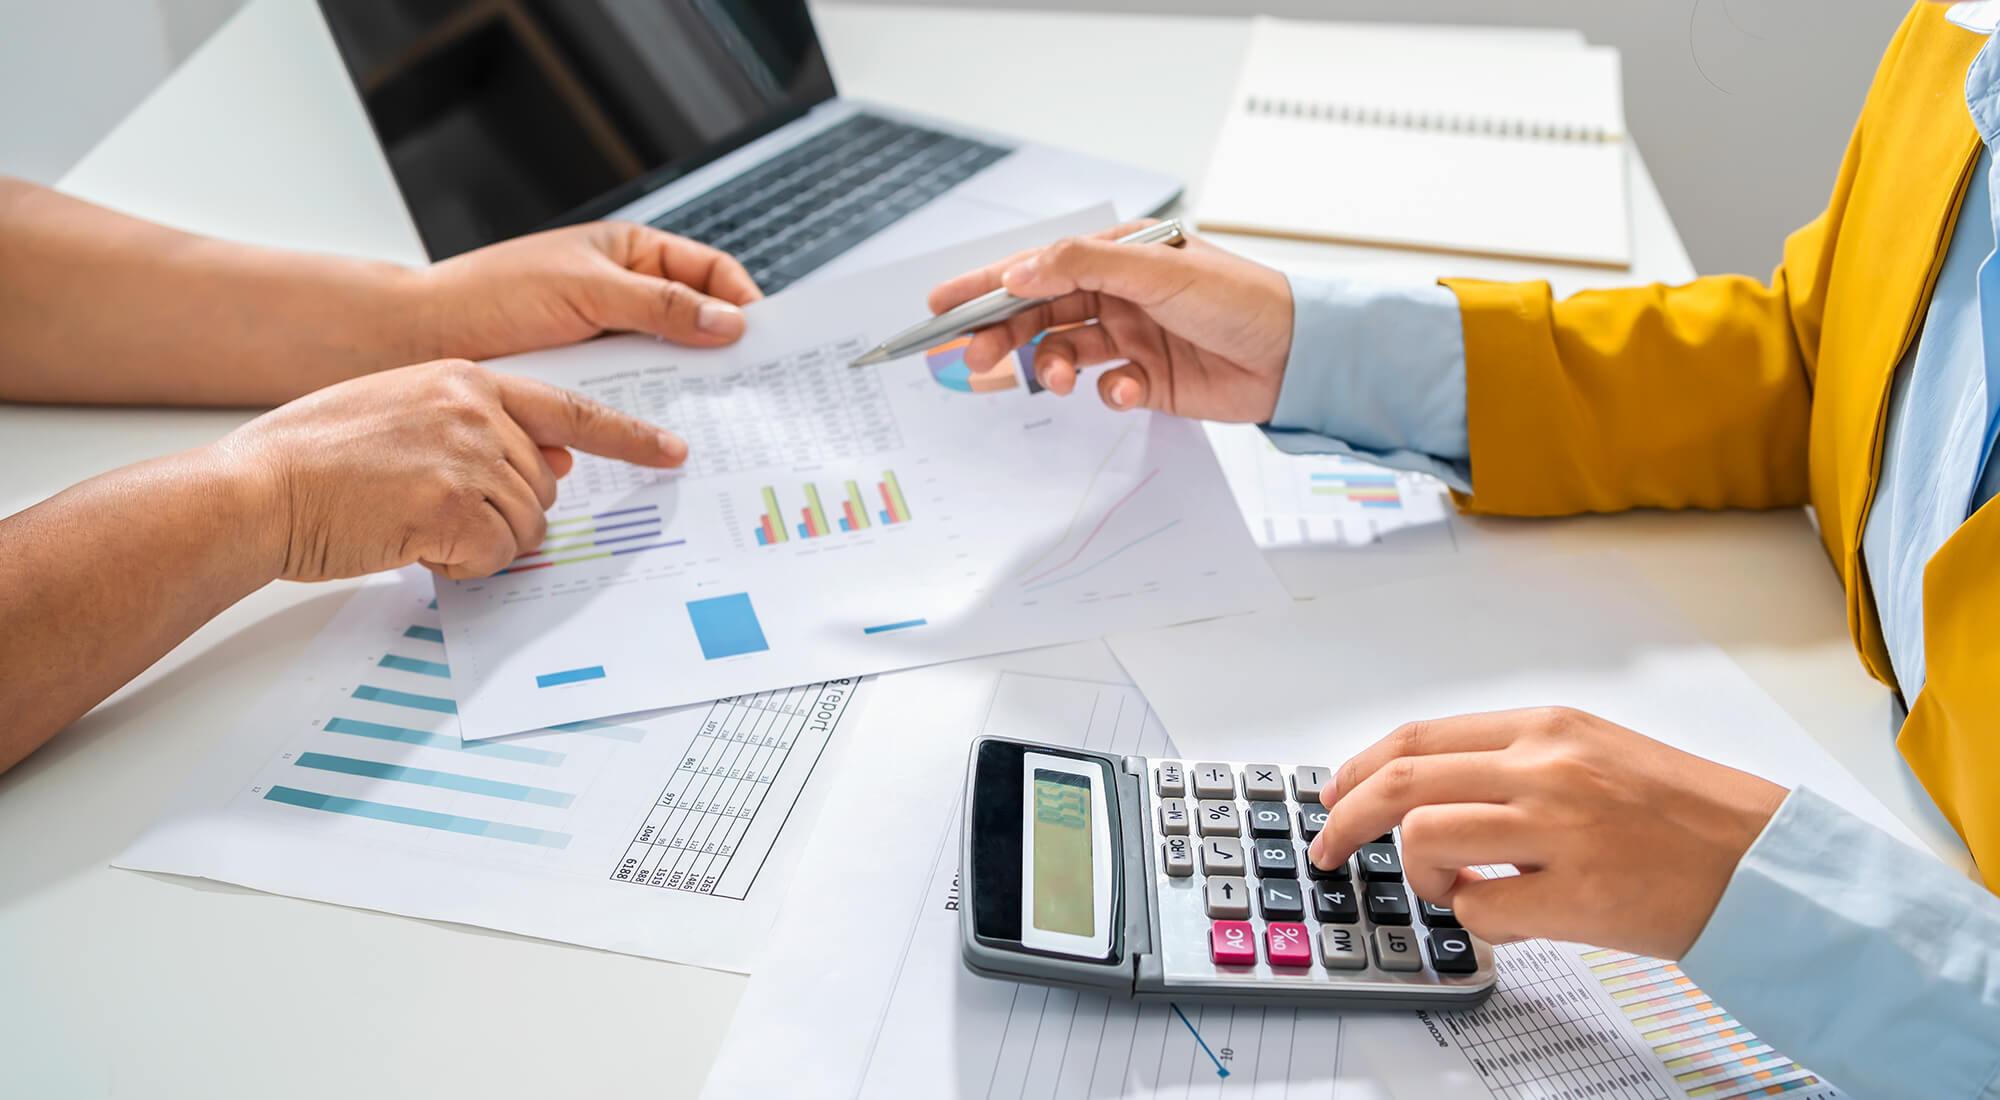 Chuyên đề: Quản trị thuế